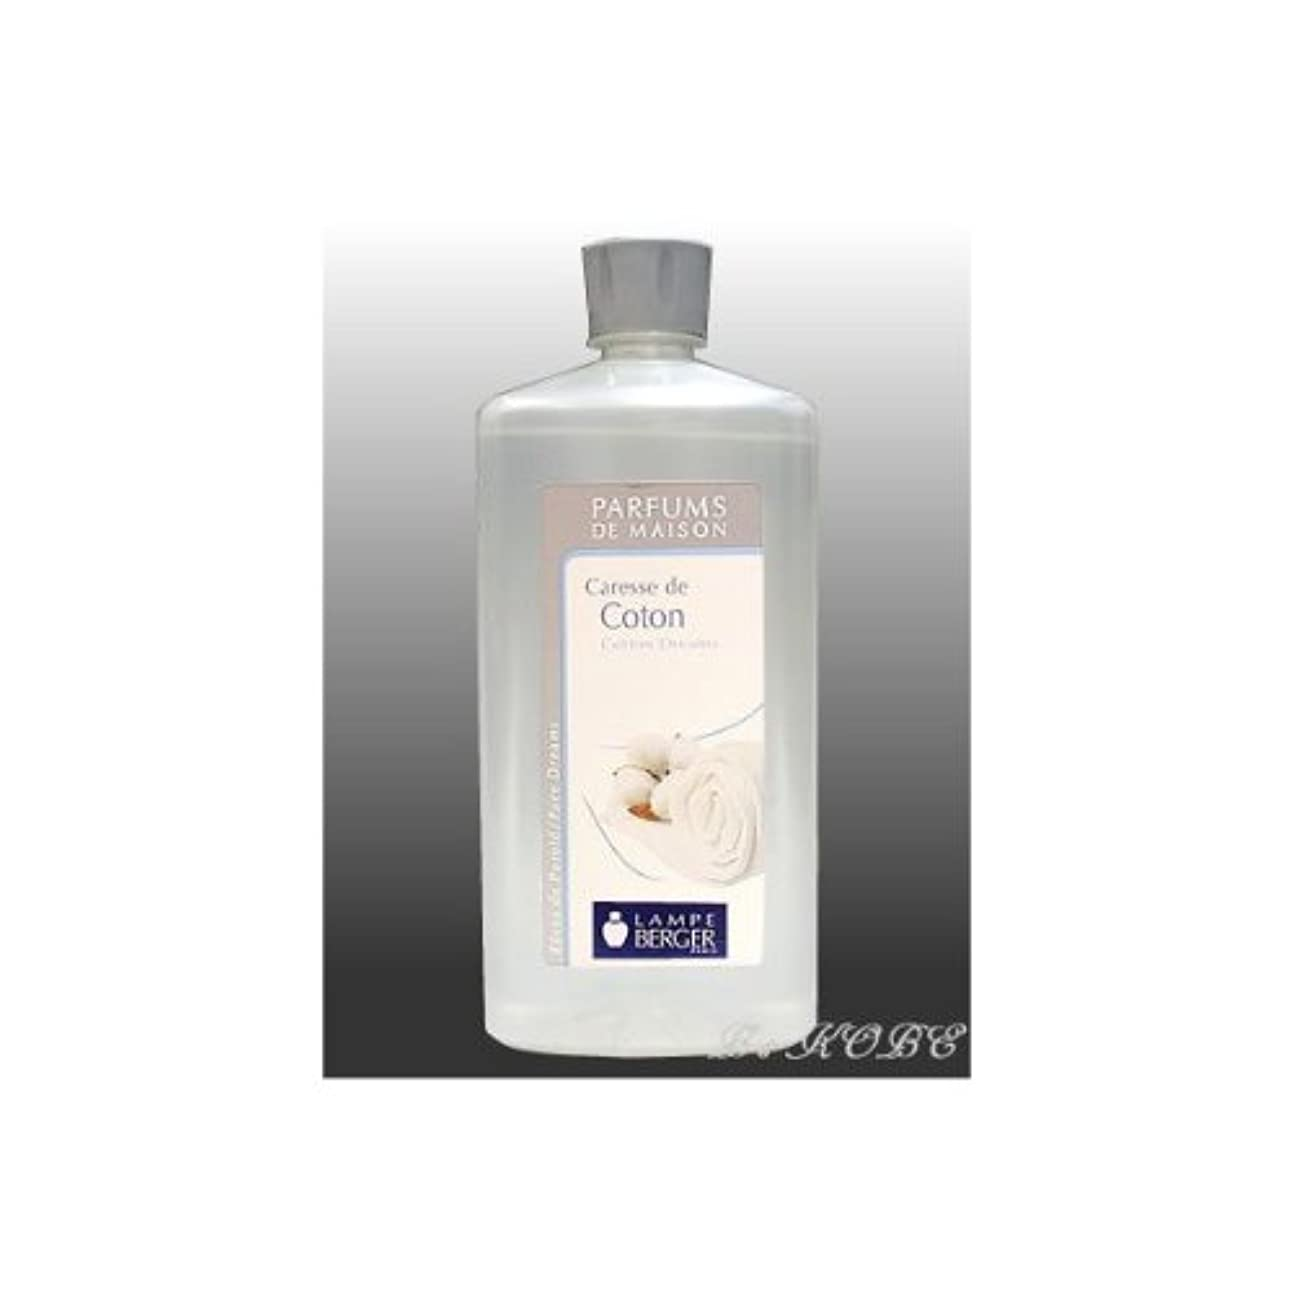 結婚式スワッププレゼンター( ランプベルジェ ) Lampe Berger フランス版 アロマオイル Caresse de Coton / コットン 1L